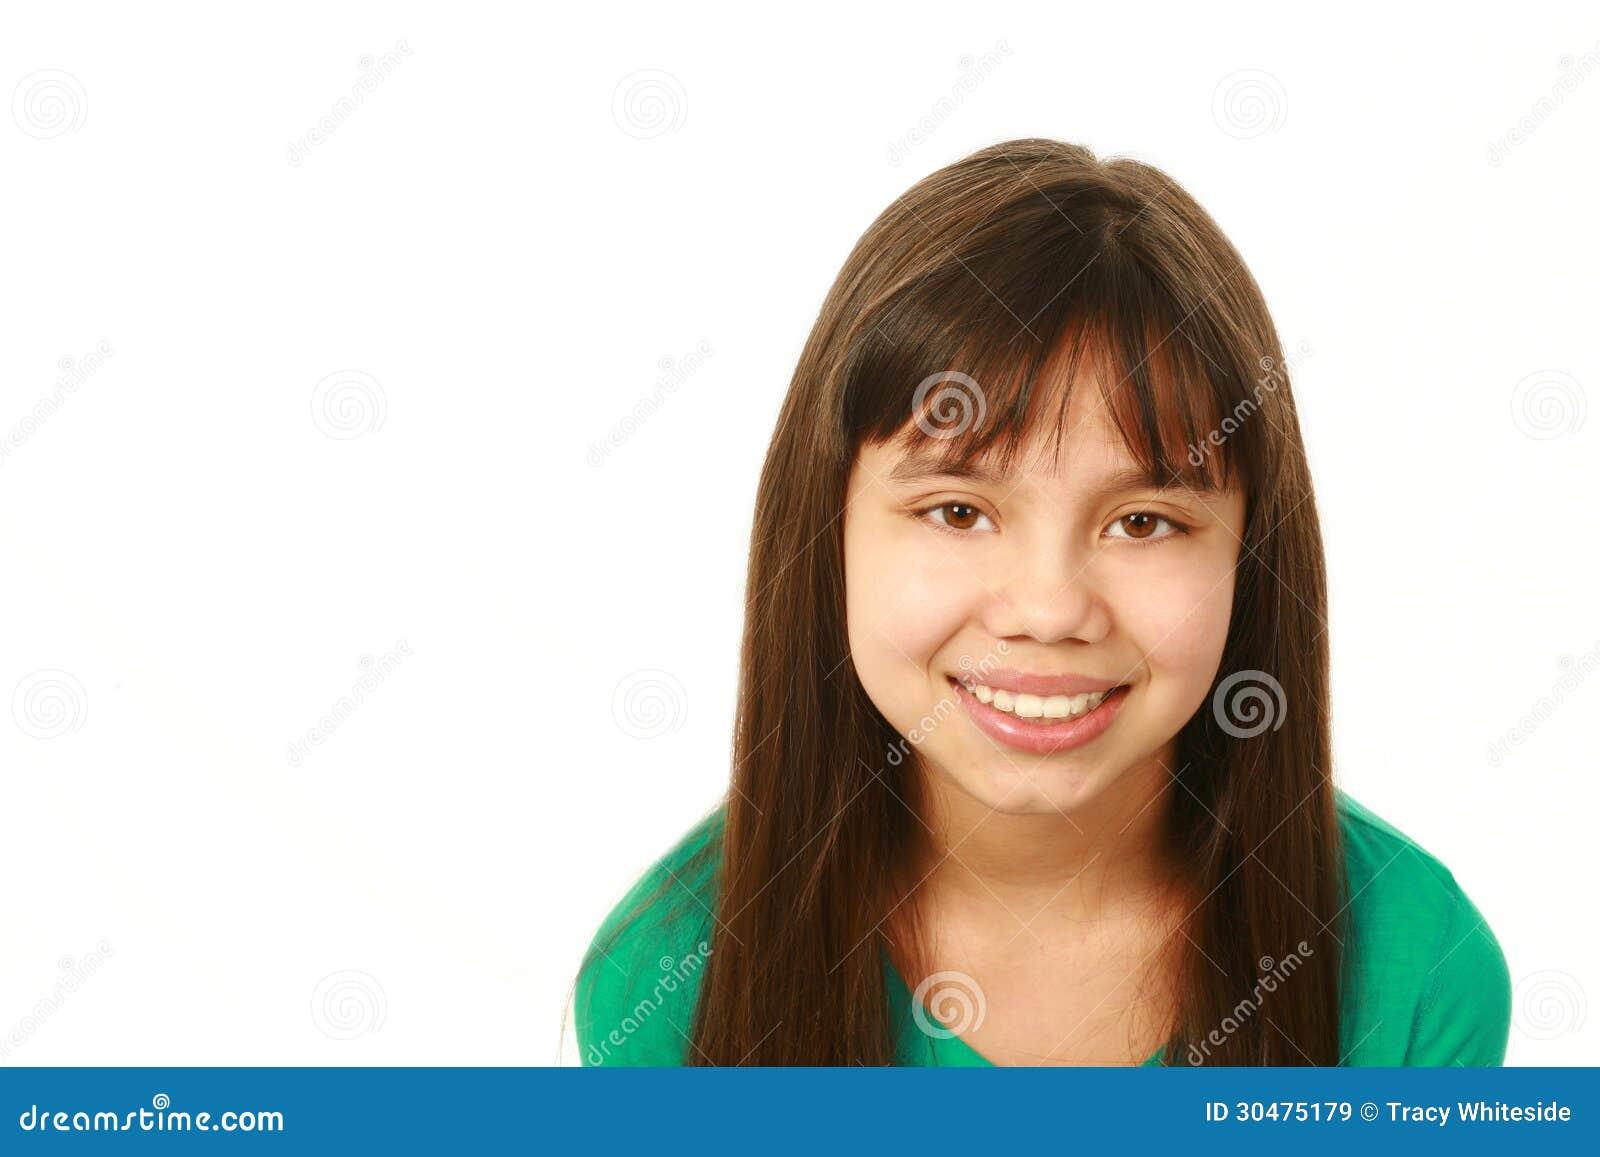 Girls mixed filipino Multiracial Asian